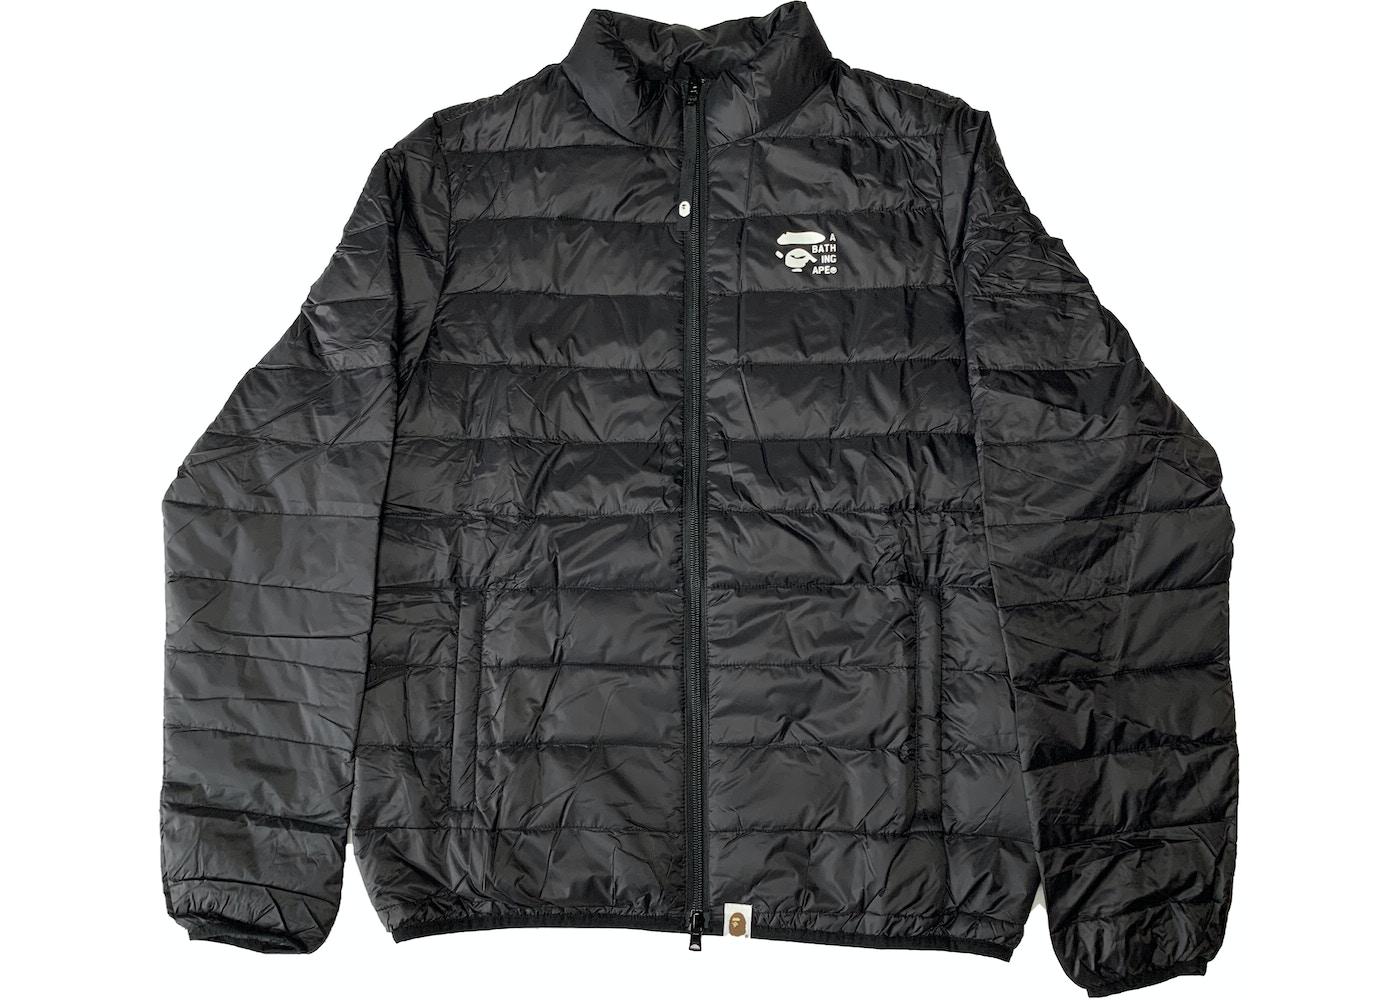 59cec504e138 Bape Jackets - Buy   Sell Streetwear